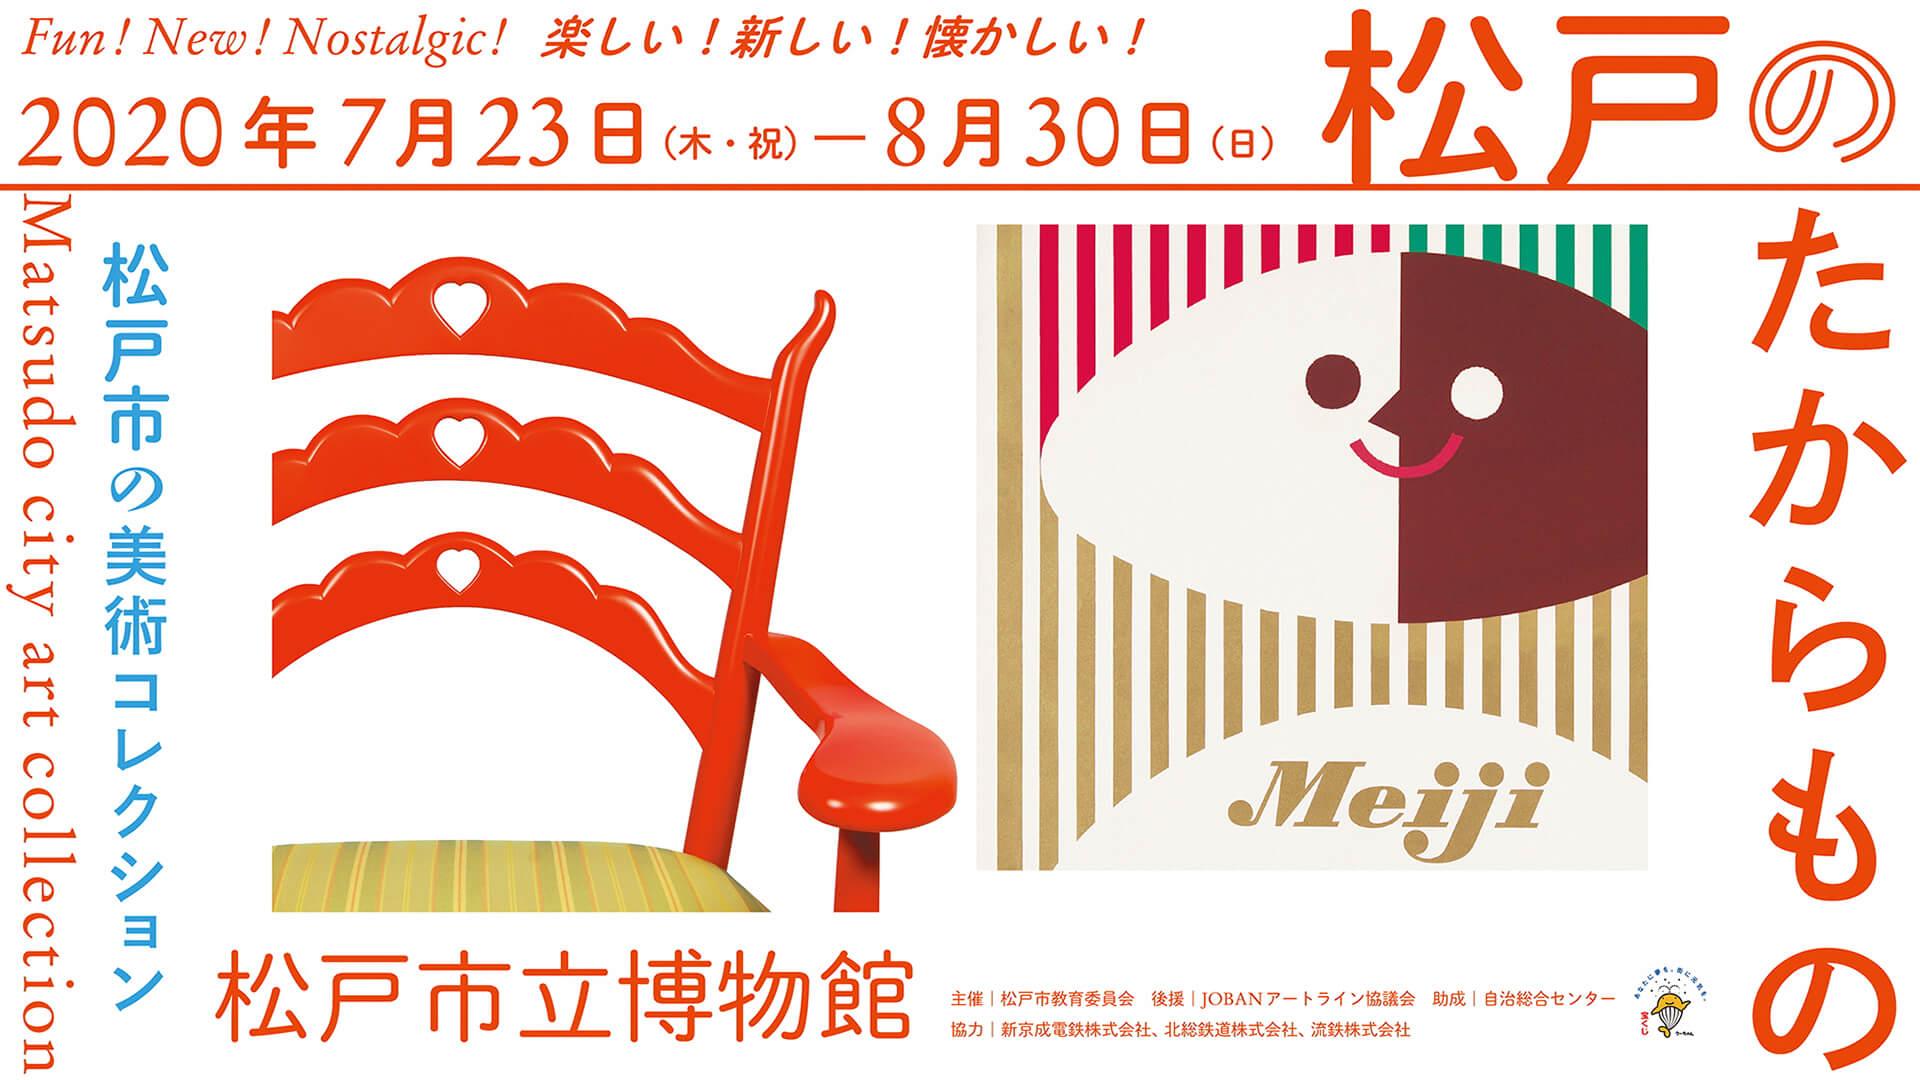 松戸のたからもの 松戸市の美術コレクション